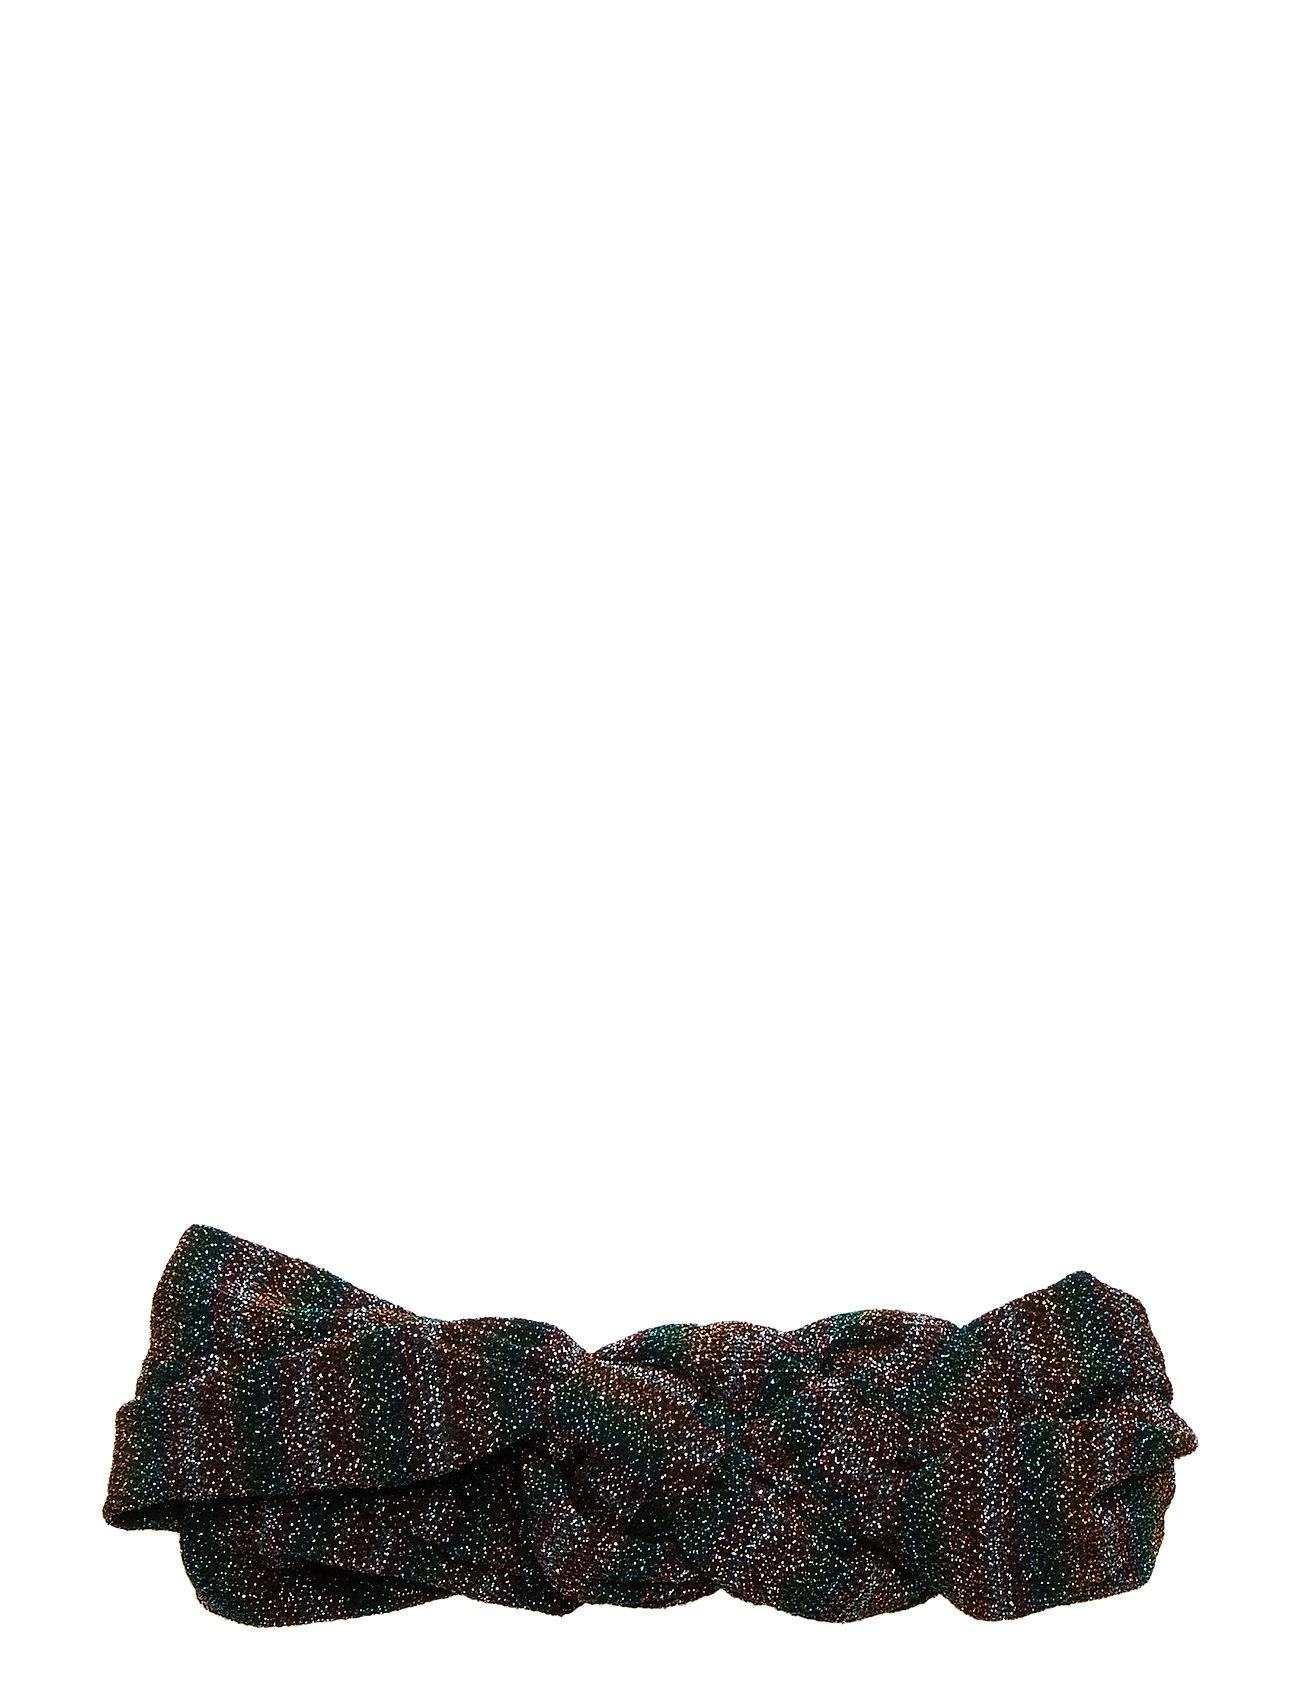 Image of Glitz Hairband Hårtilbehør Grøn BECKSÖNDERGAARD (3210236399)